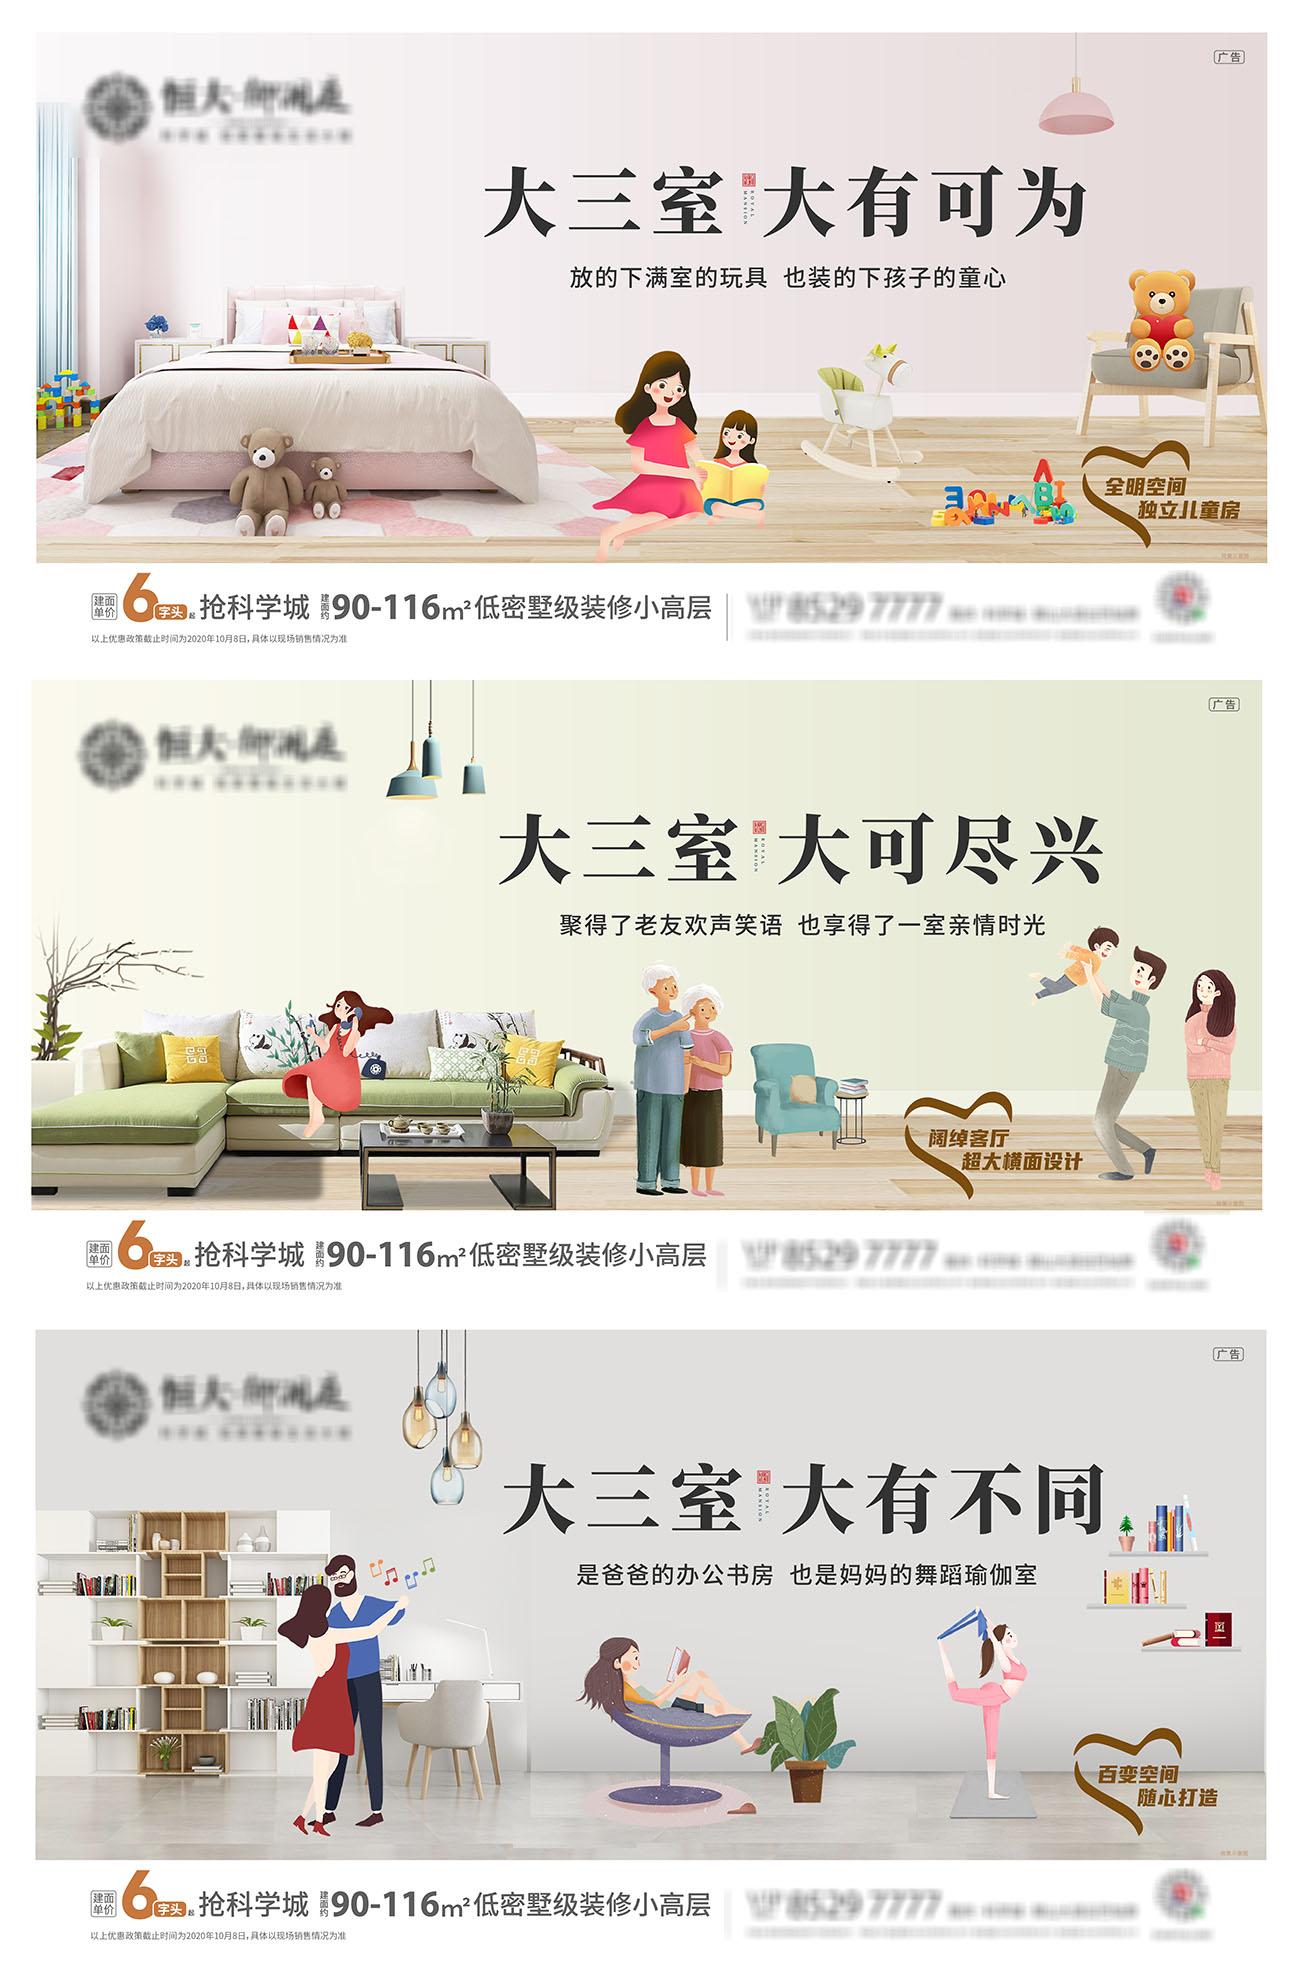 地产大三房住宅户型价值点海报AI+PSD源文件插图